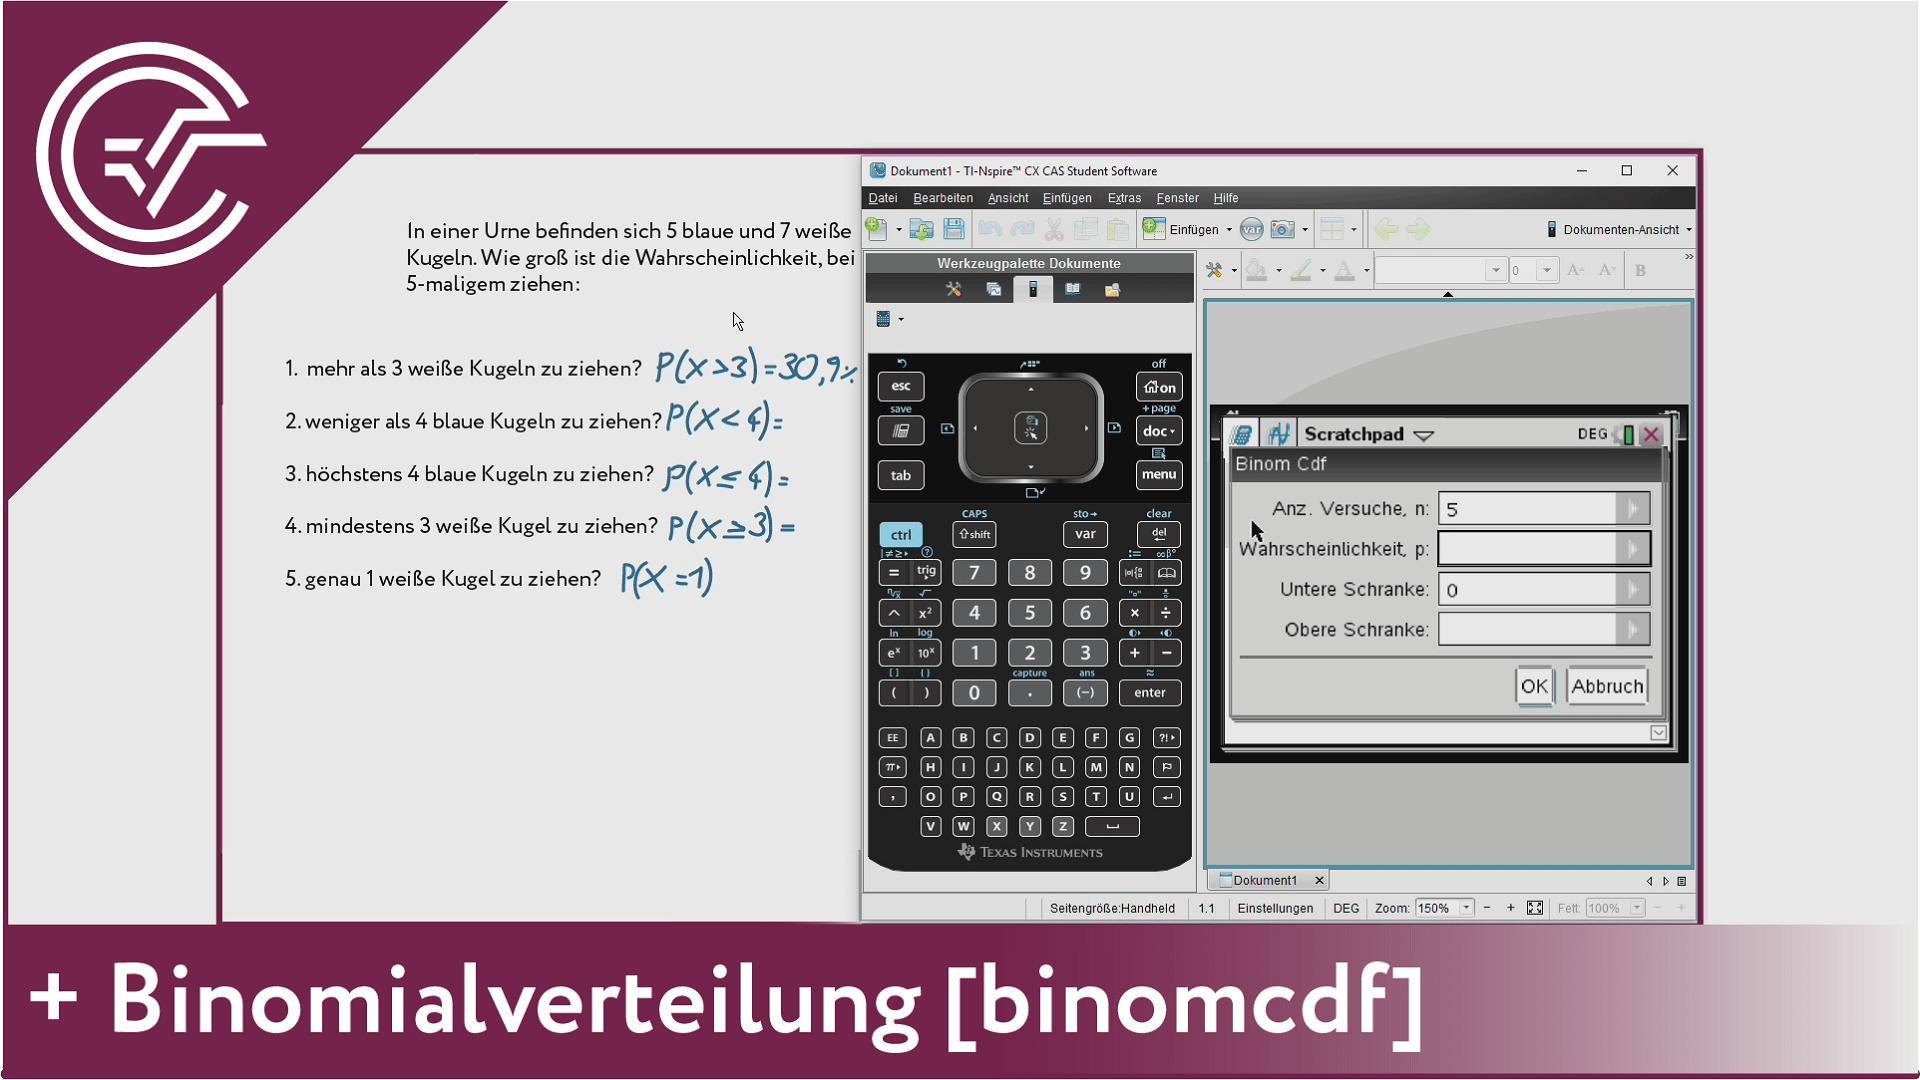 11. Binomialverteilung - binomcdf [TI-Nspire]